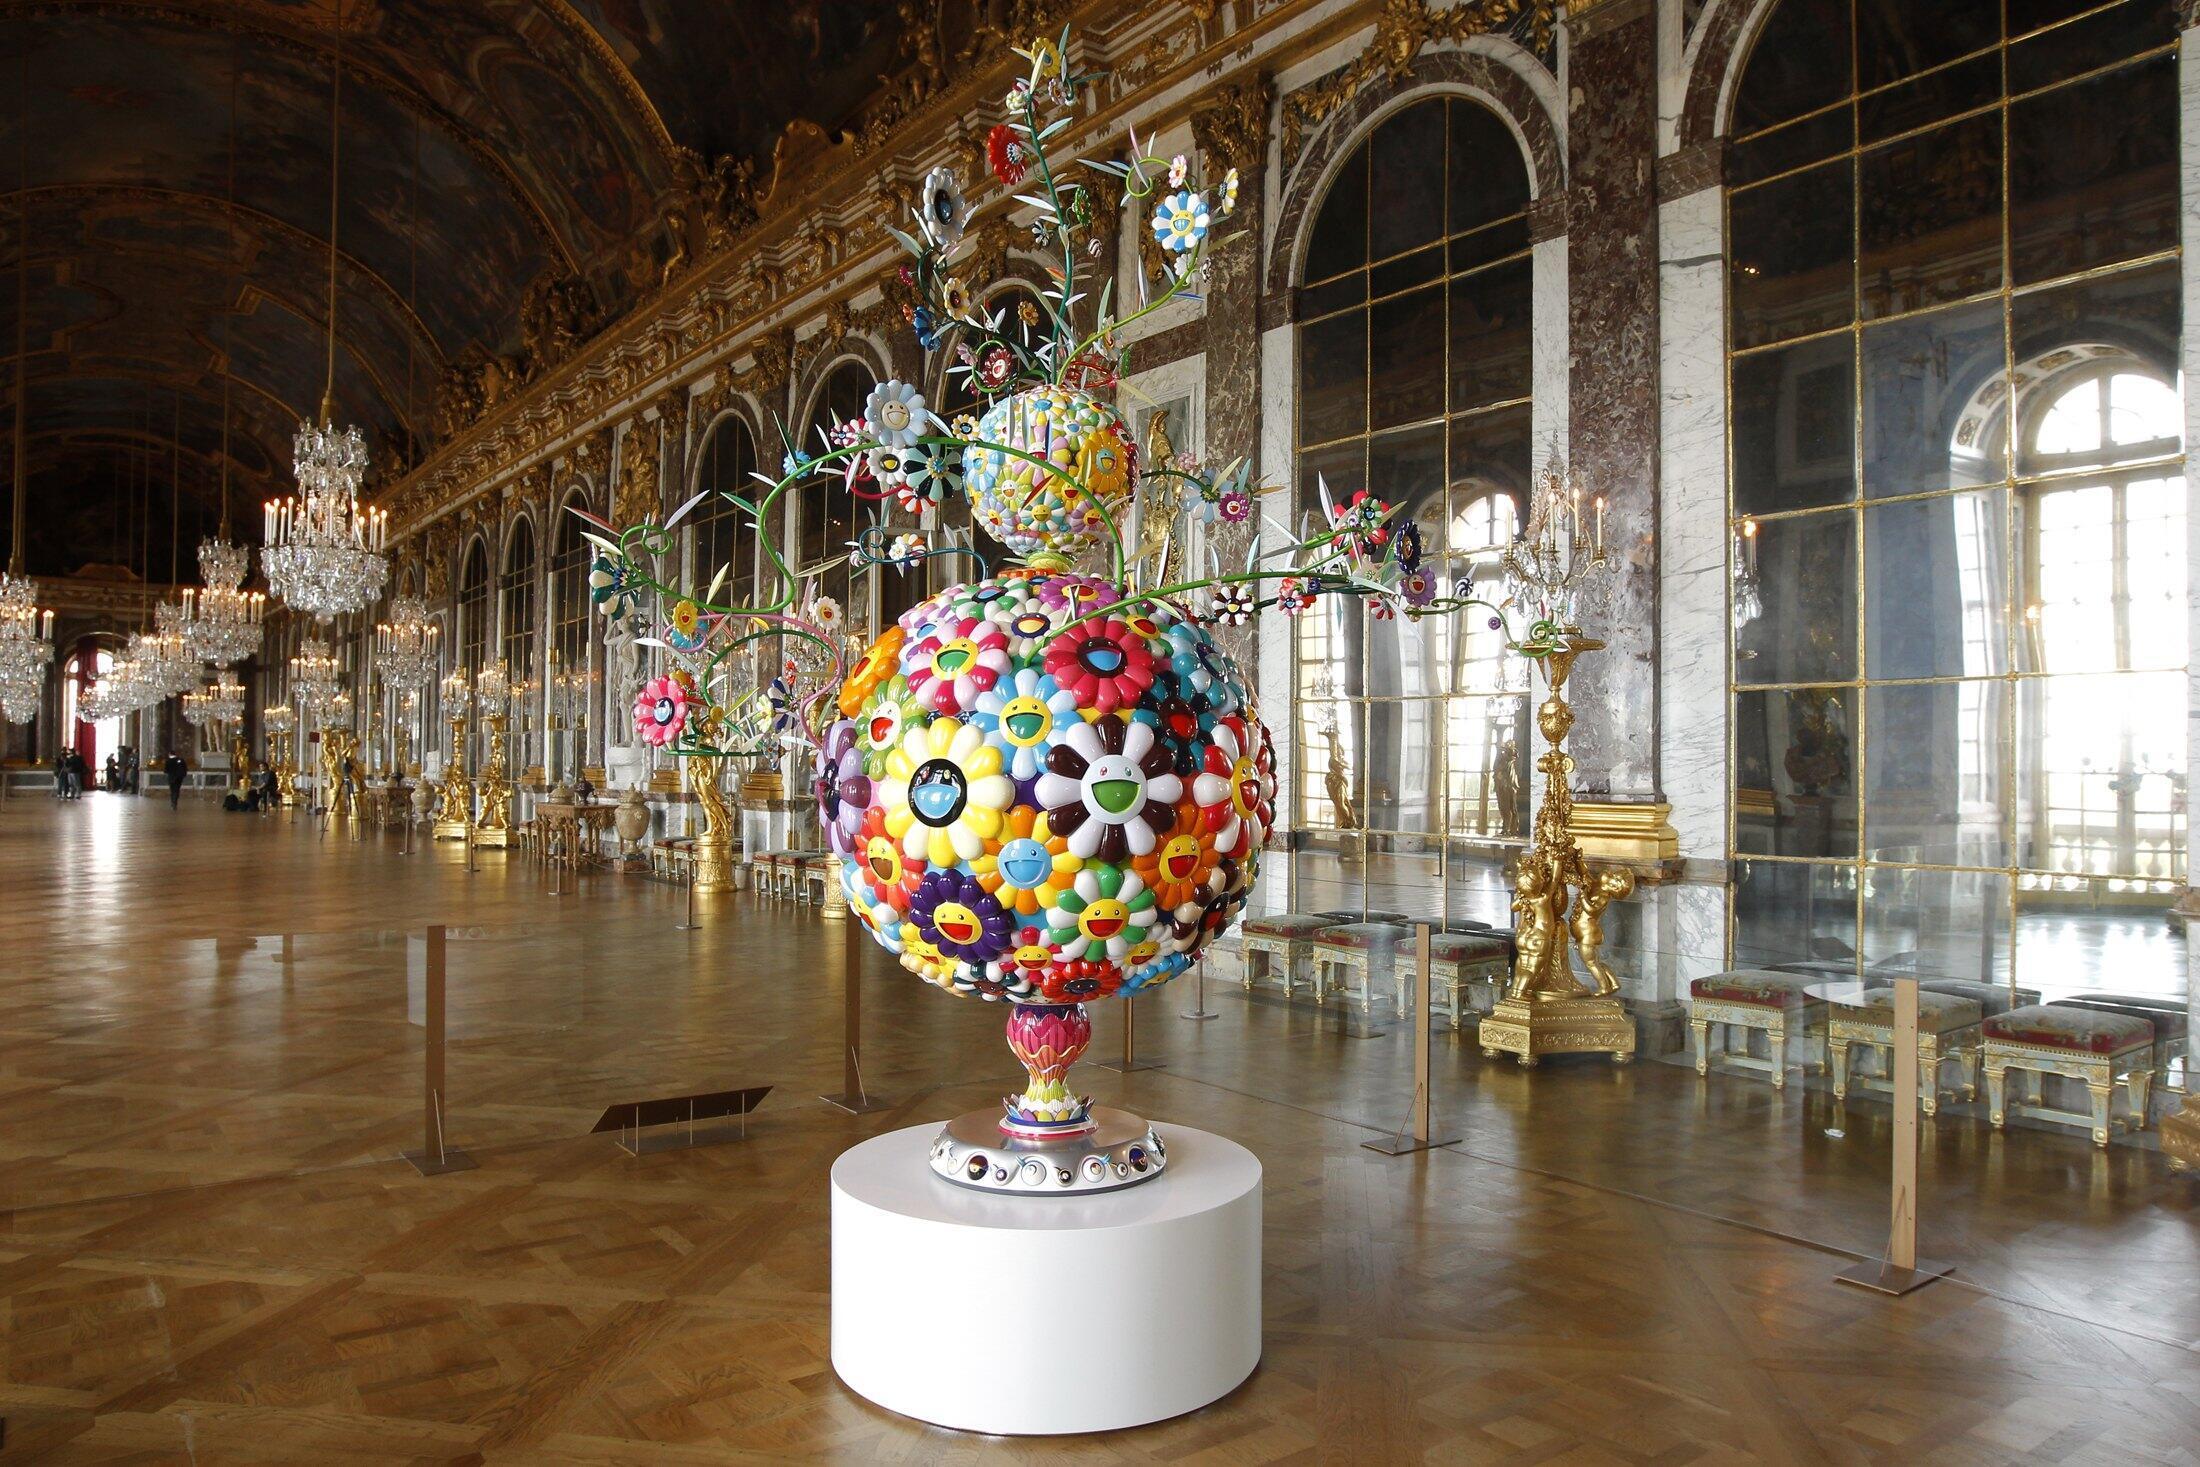 Exposição das esculturas coloridas de Murakami, tiradas do universo dos mangas e kawai japoneses no Palácio de Versalhes.